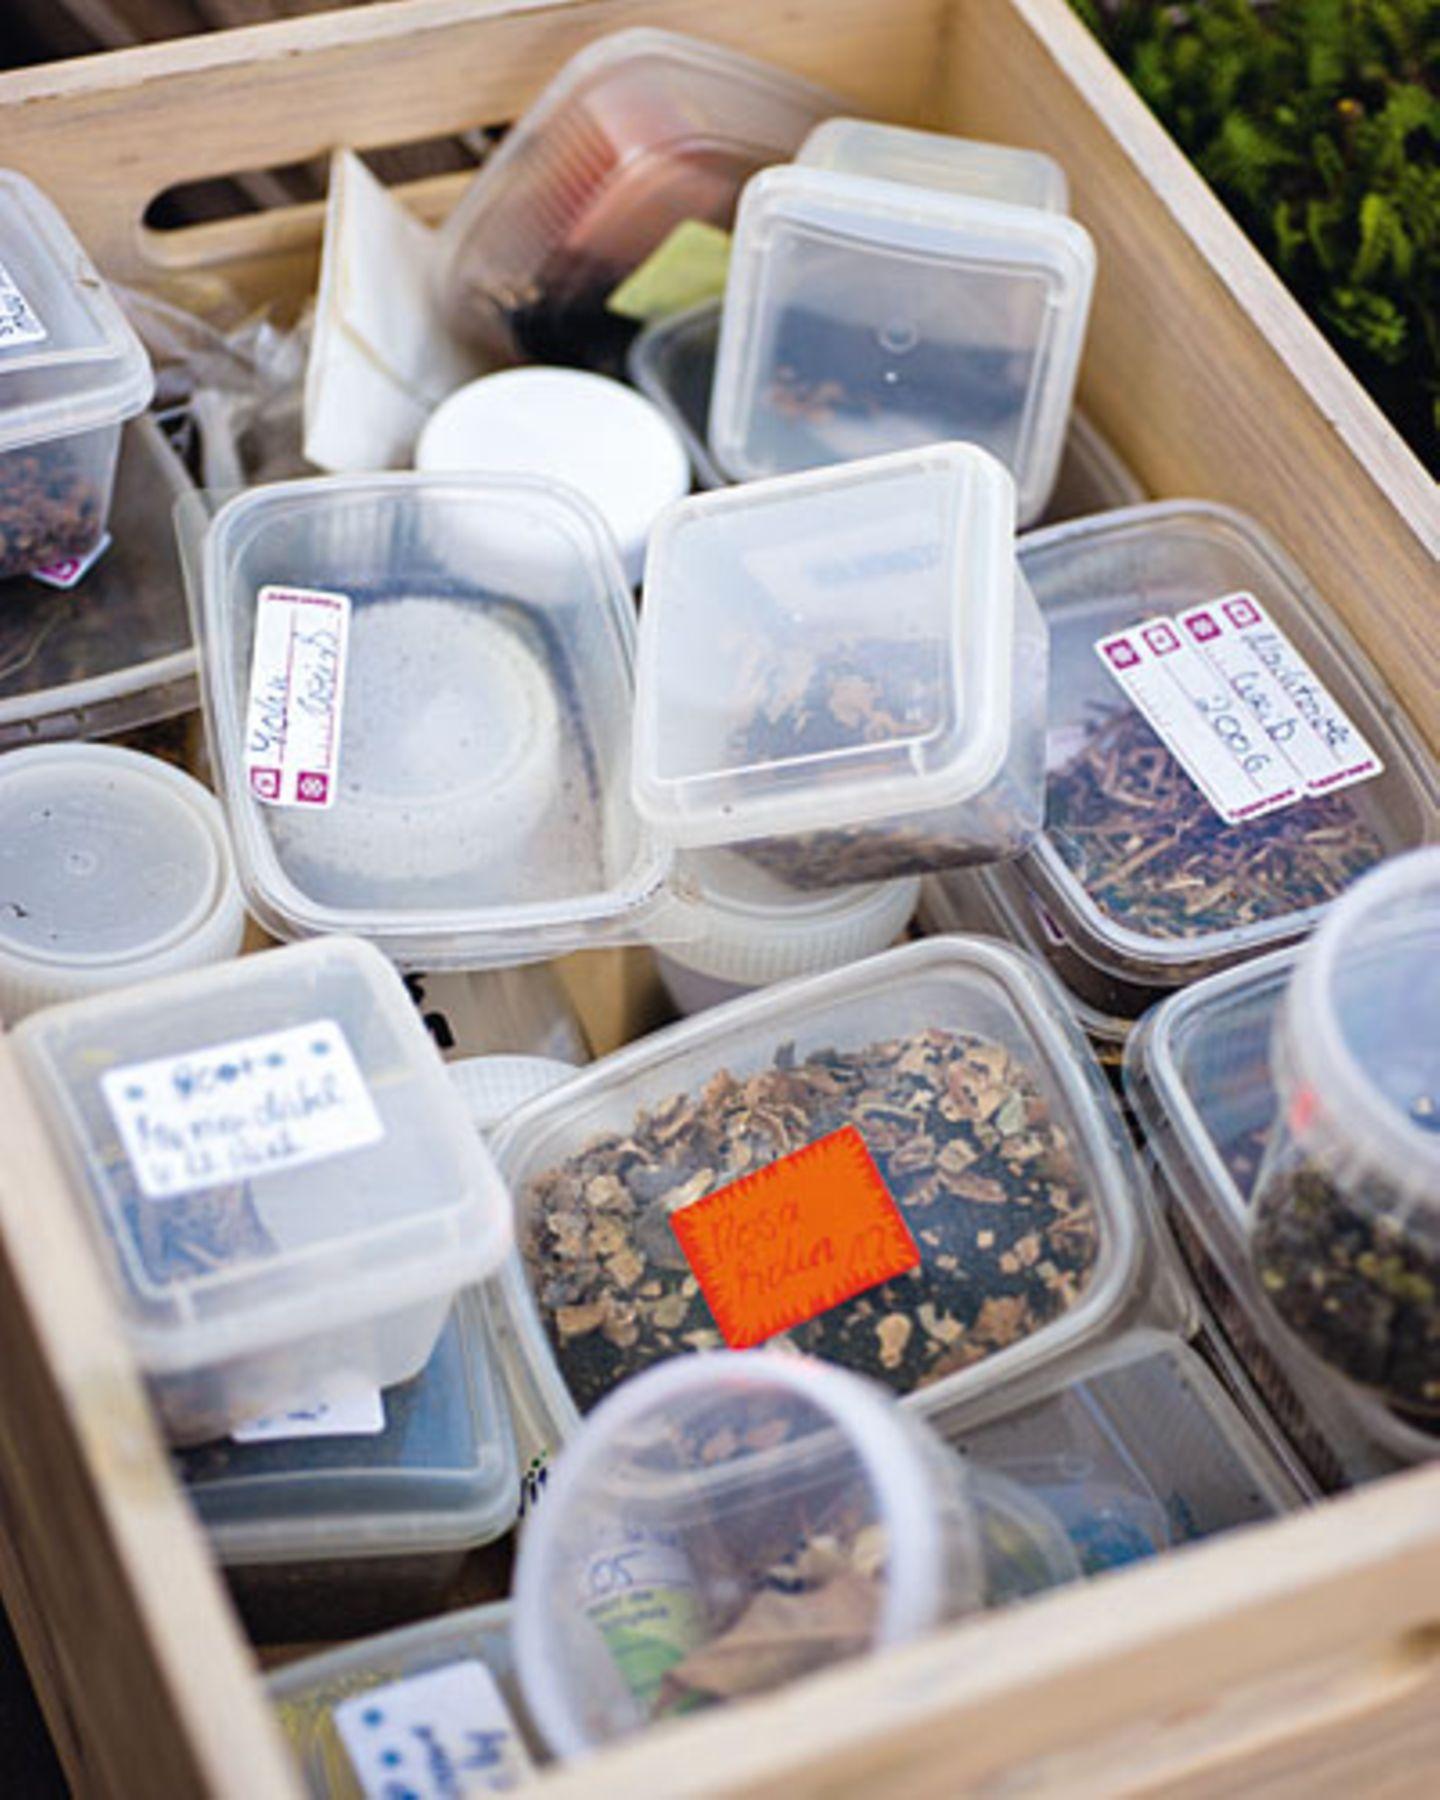 Weil gutes Saatgut teuer ist, sammelt Ursula Berger die Samen von ihren Pflanzen und verwahrt sie in ausrangierten Kunststoffschachteln.